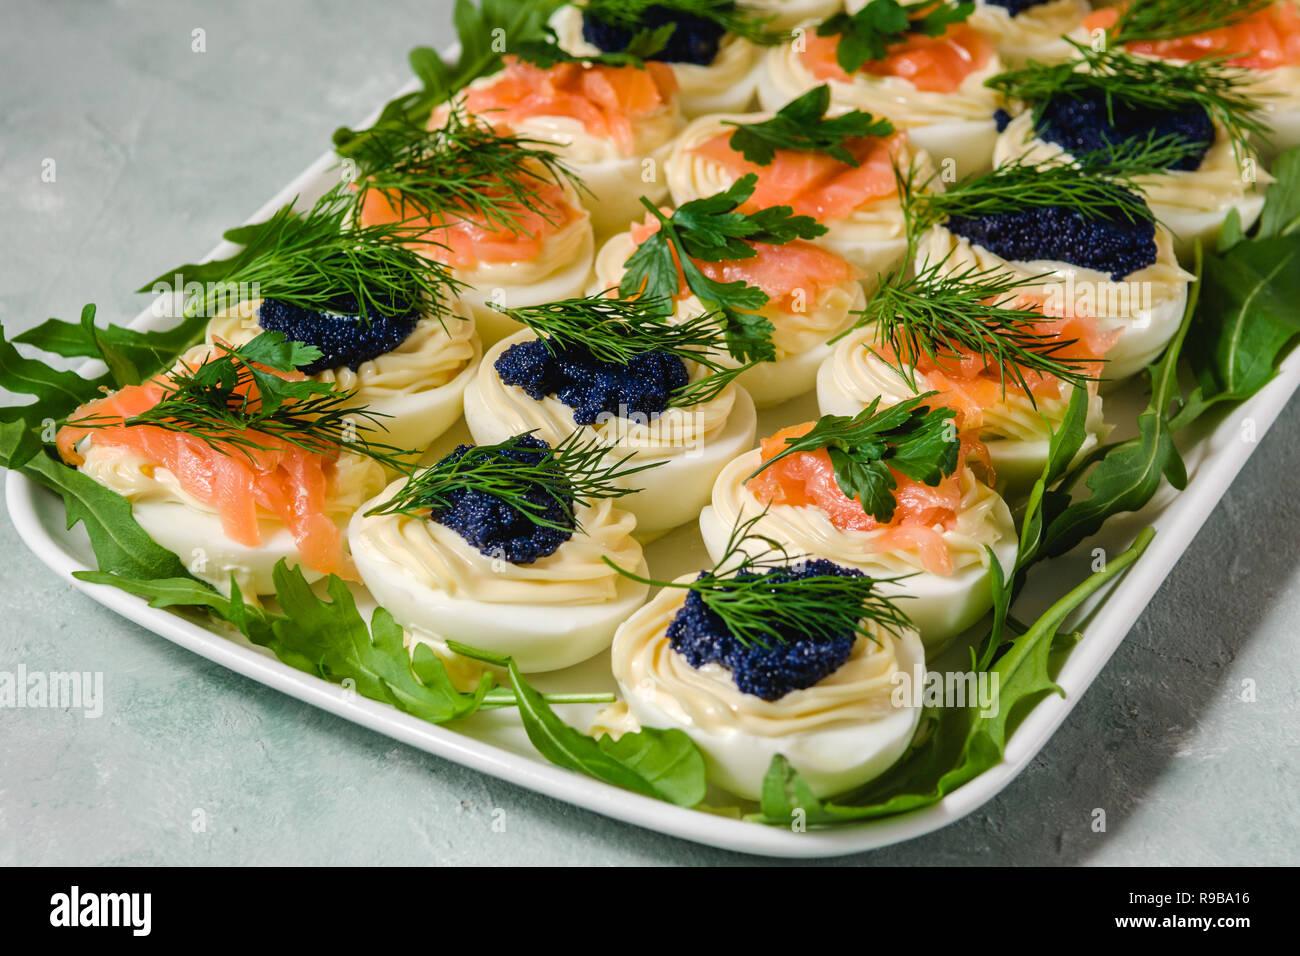 Huevos rellenos con salmón y caviar decorado con perejil y eneldo. Parte alimentos Foto de stock